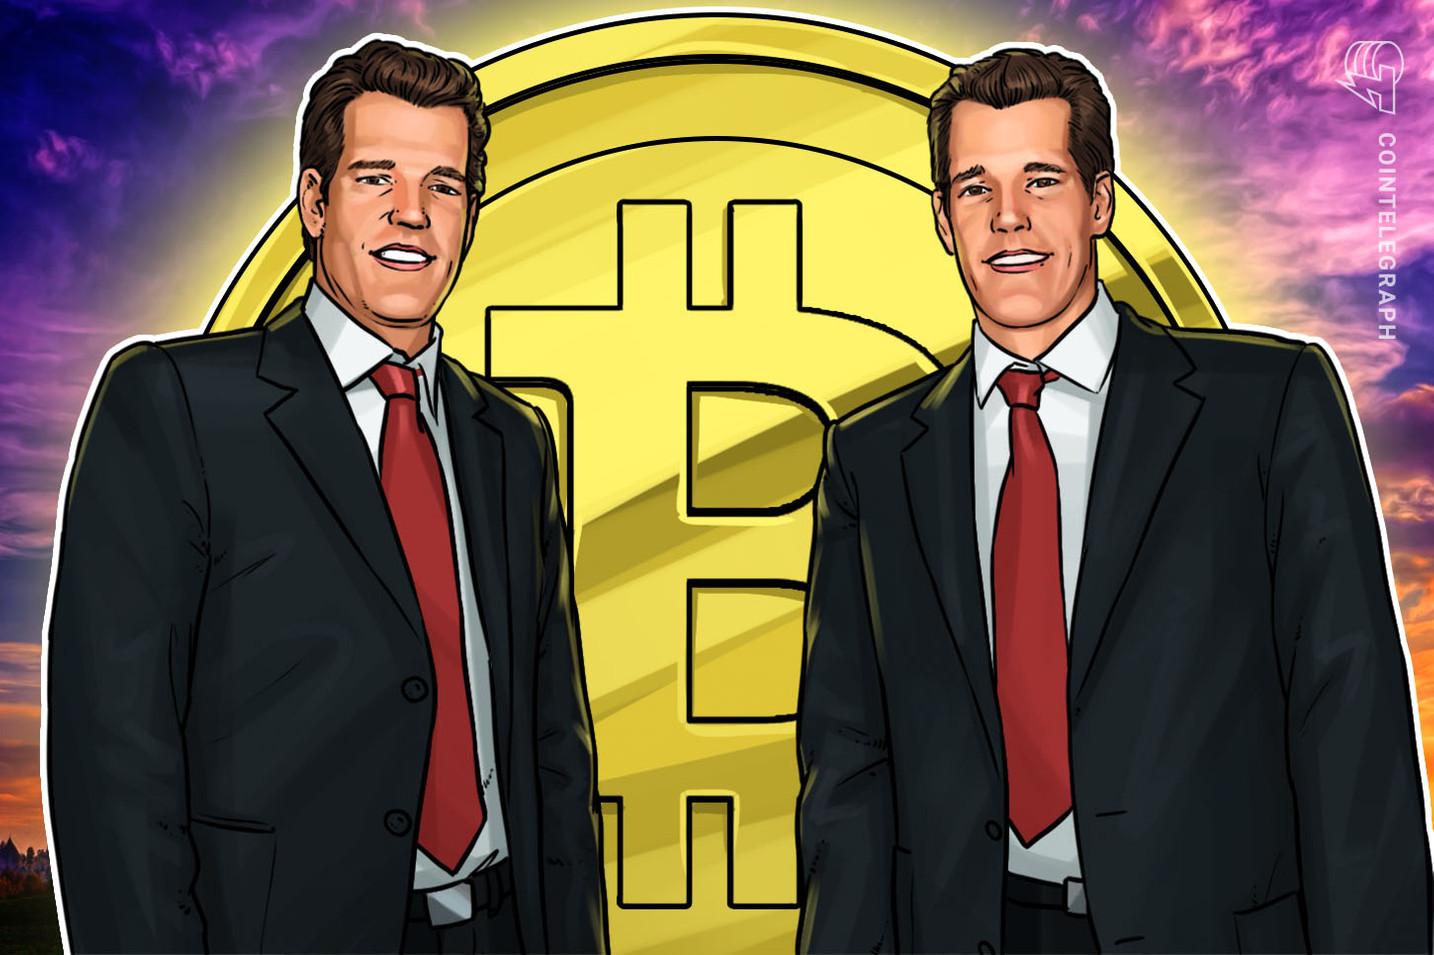 El Precio de Bitcoin en 500,000 dólares: Tyler Winklevoss presenta el escenario alcista definitivo